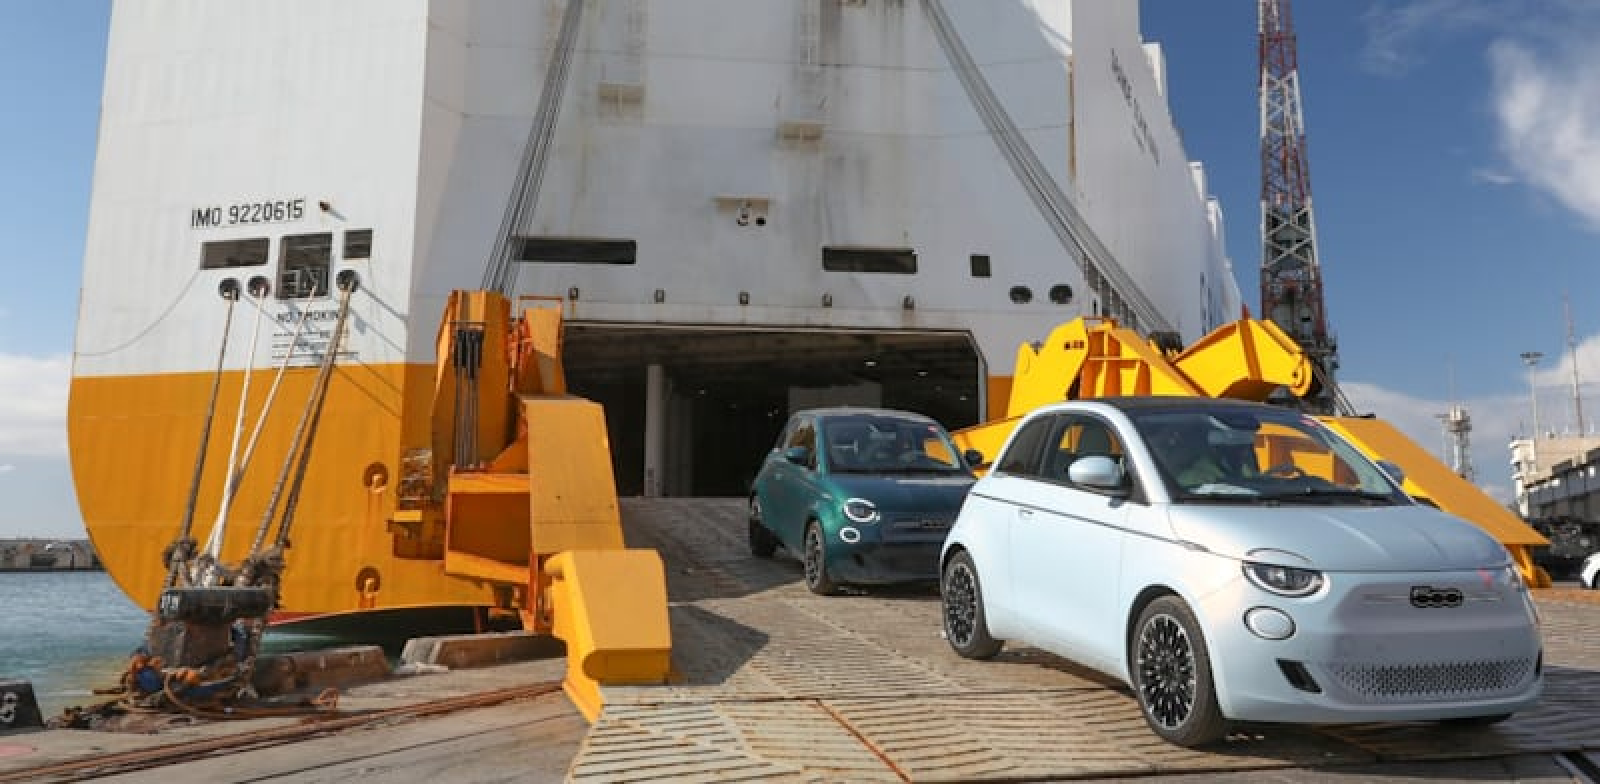 """רכבי """"פיאט"""" יוצאים מכבש הספינה בנמל אשדוד, השבוע / צילום: רונן טופלברג"""